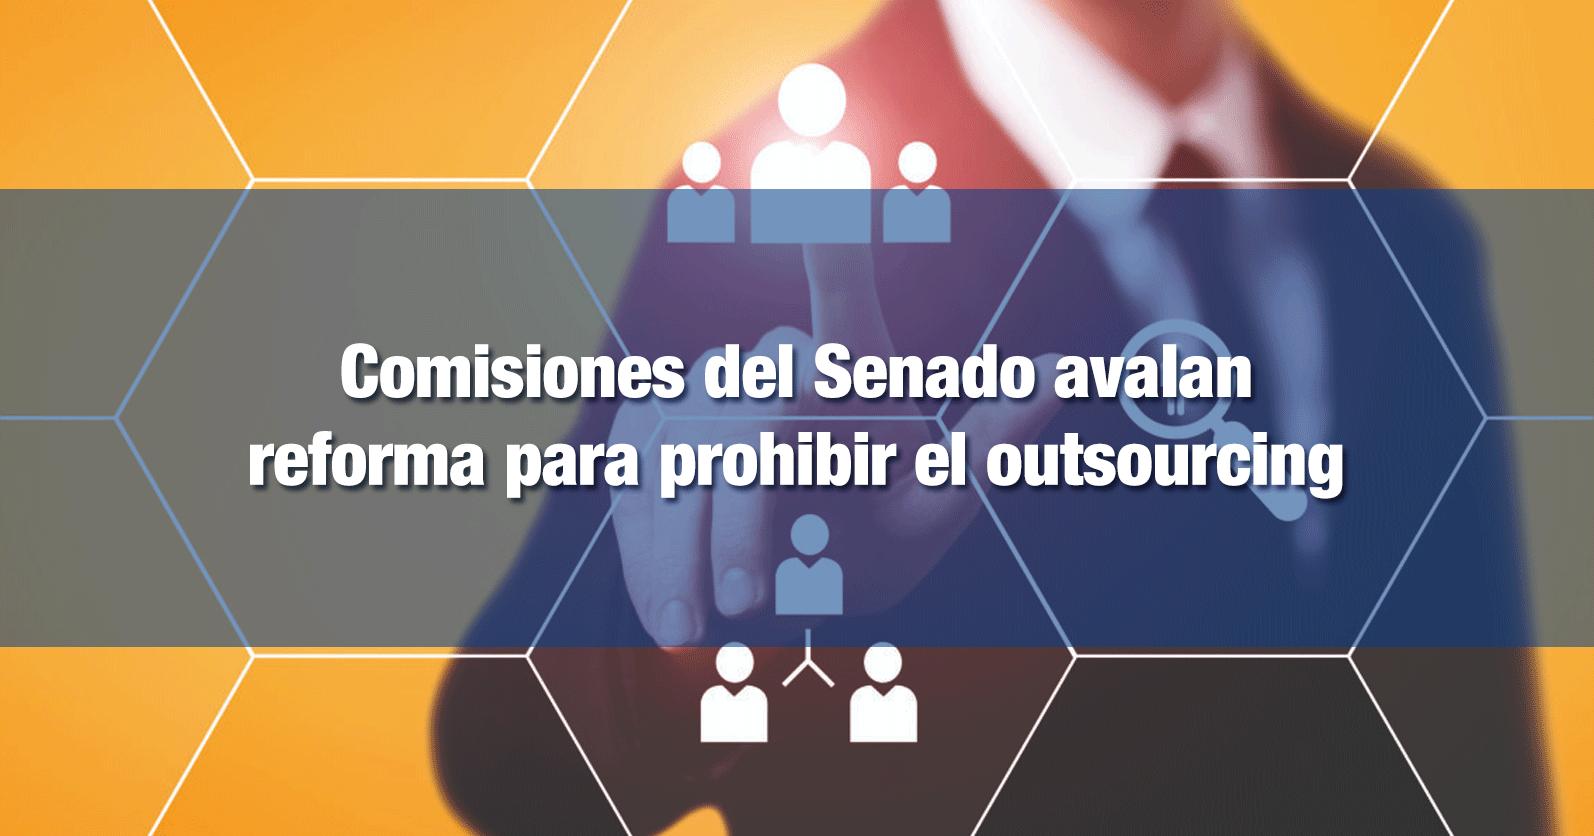 Comisiones del Senado avalan reforma para prohibir el outsourcing